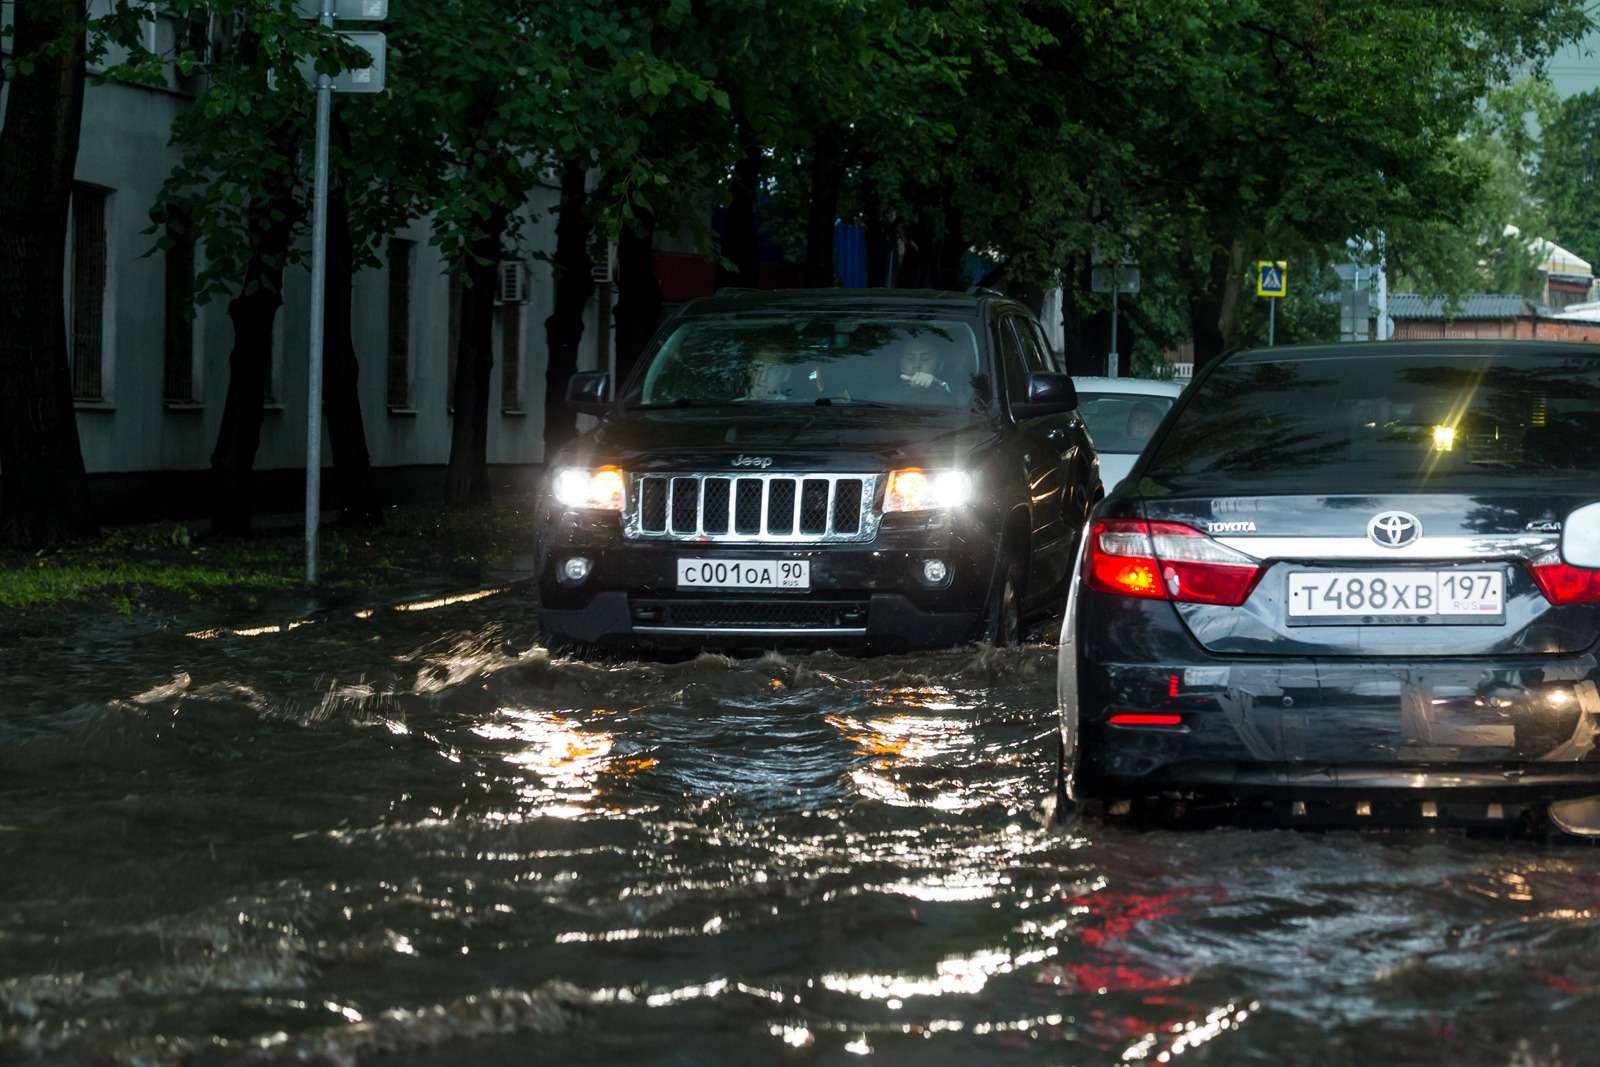 Москву залили дожди, машины поплыли. Фоторепортаж ЗР— фото 770687